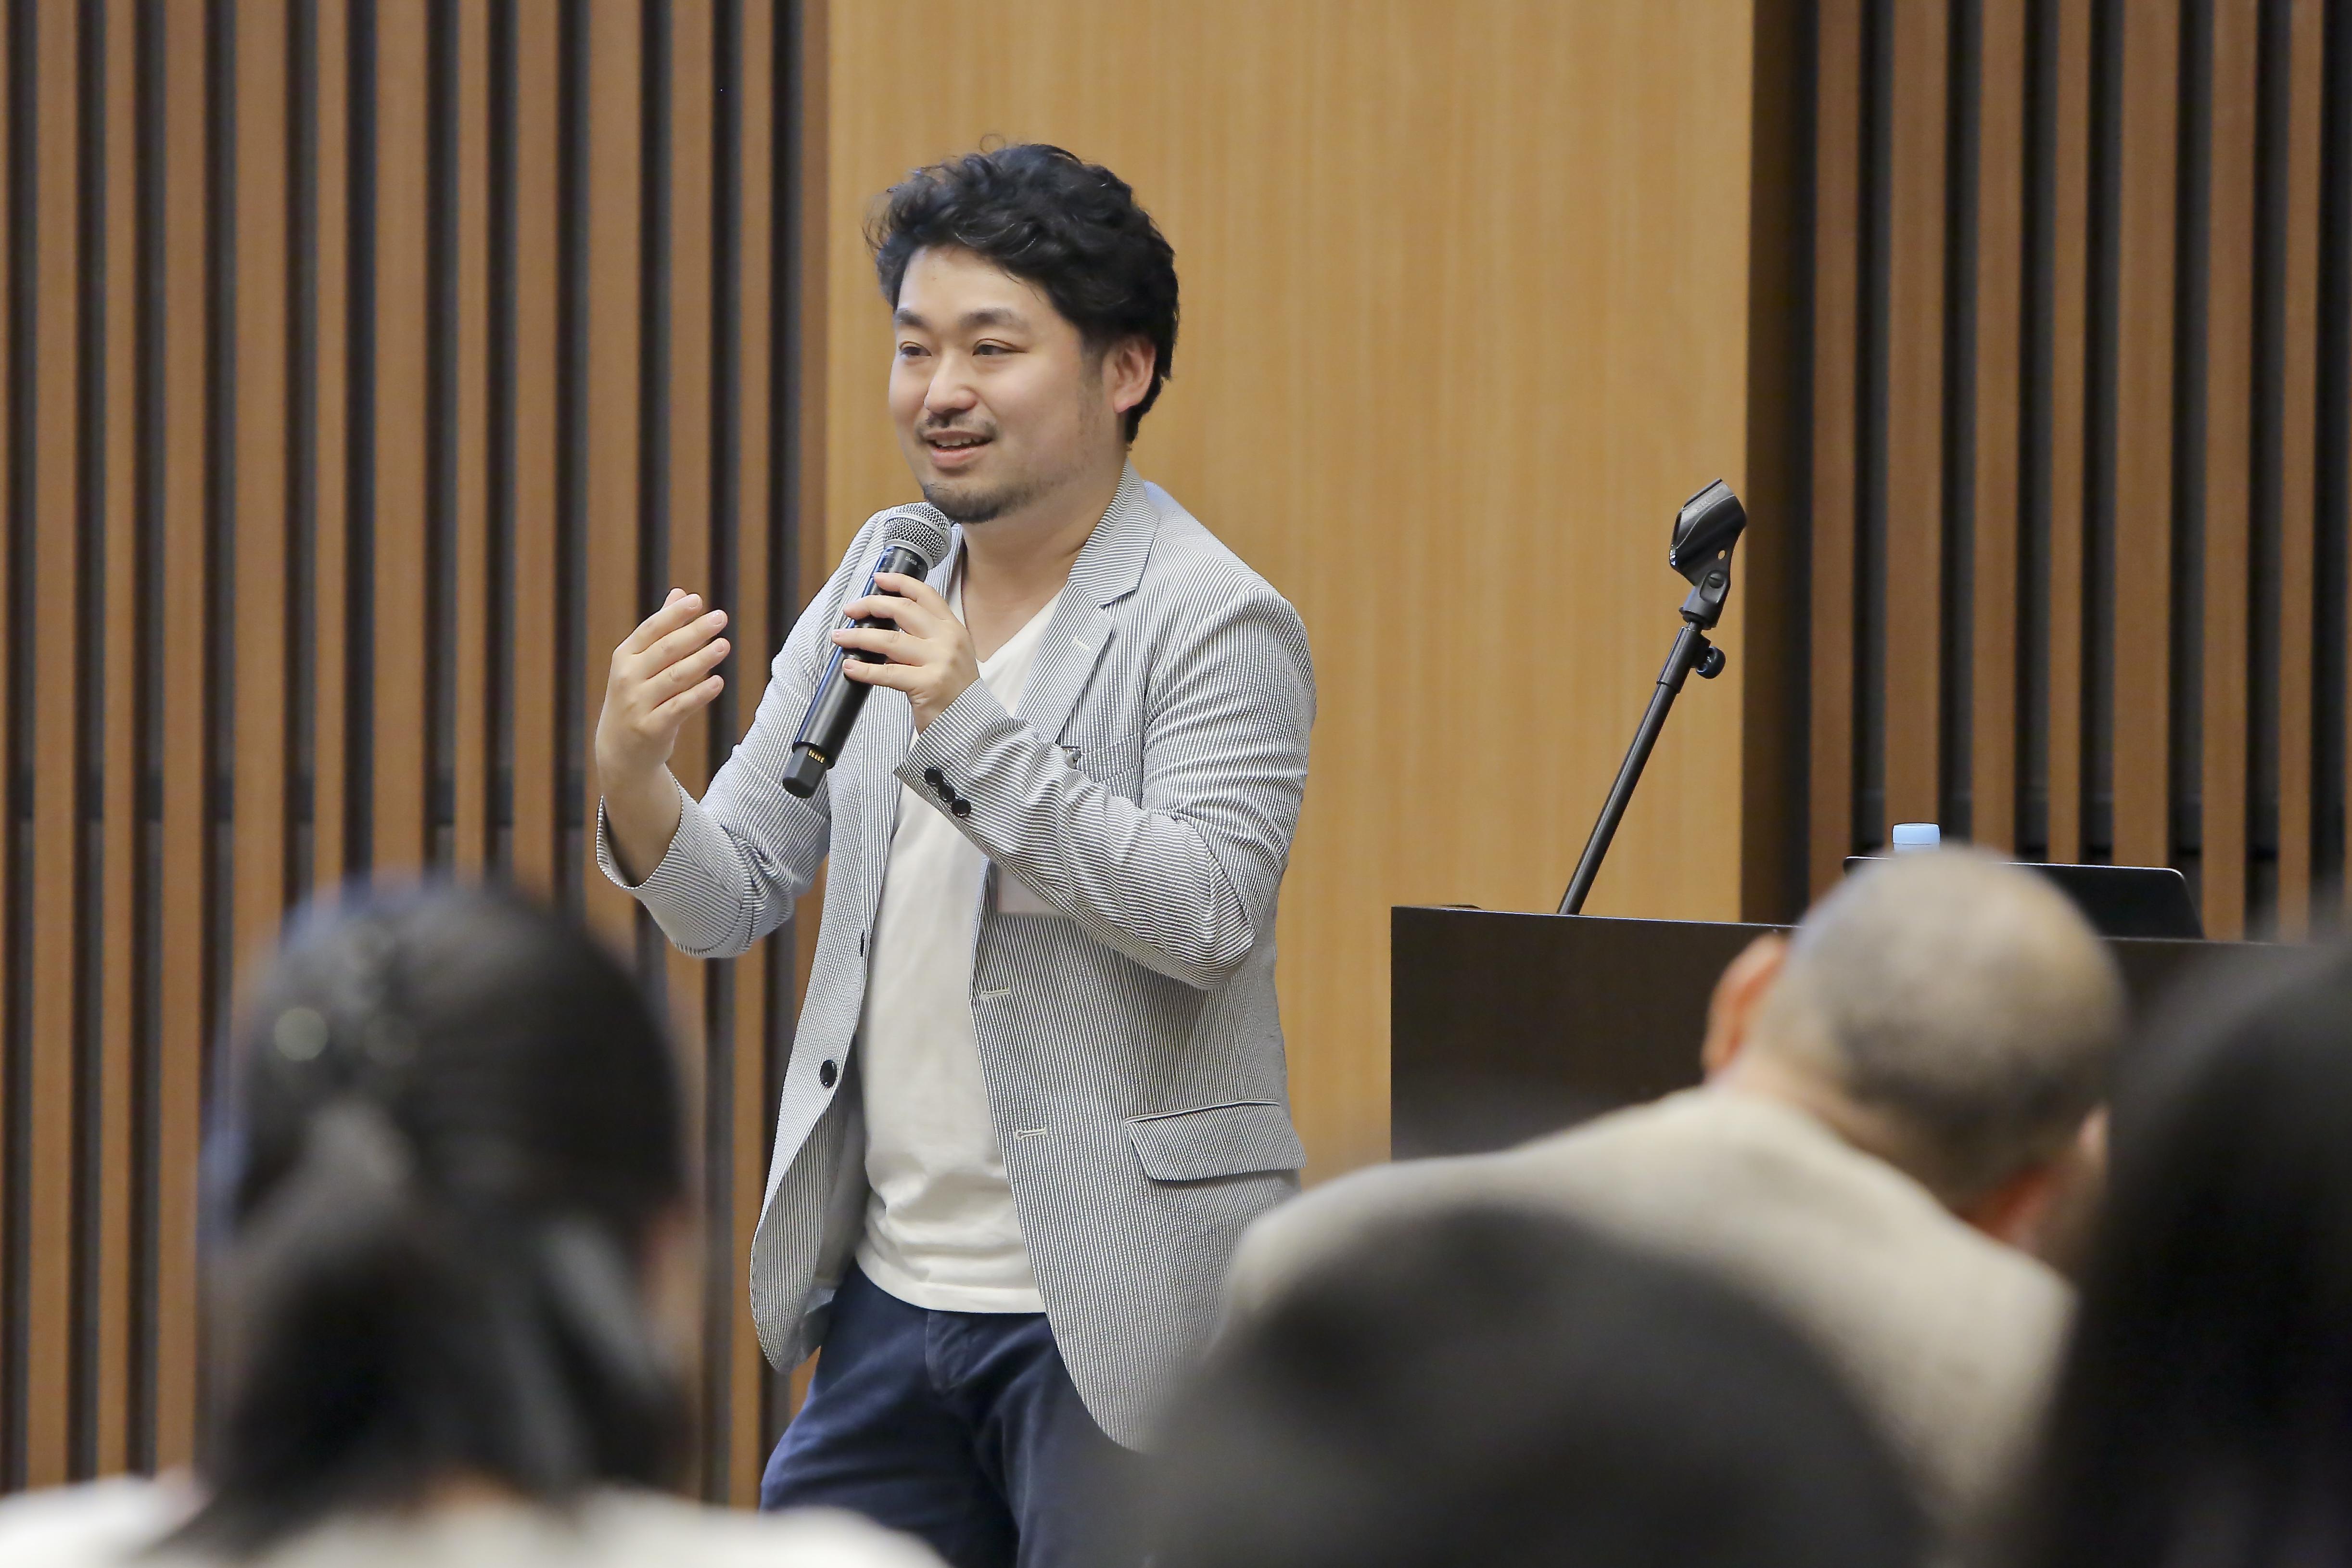 弊社CEO熊谷が「HRカンファレンス」に登壇しました!